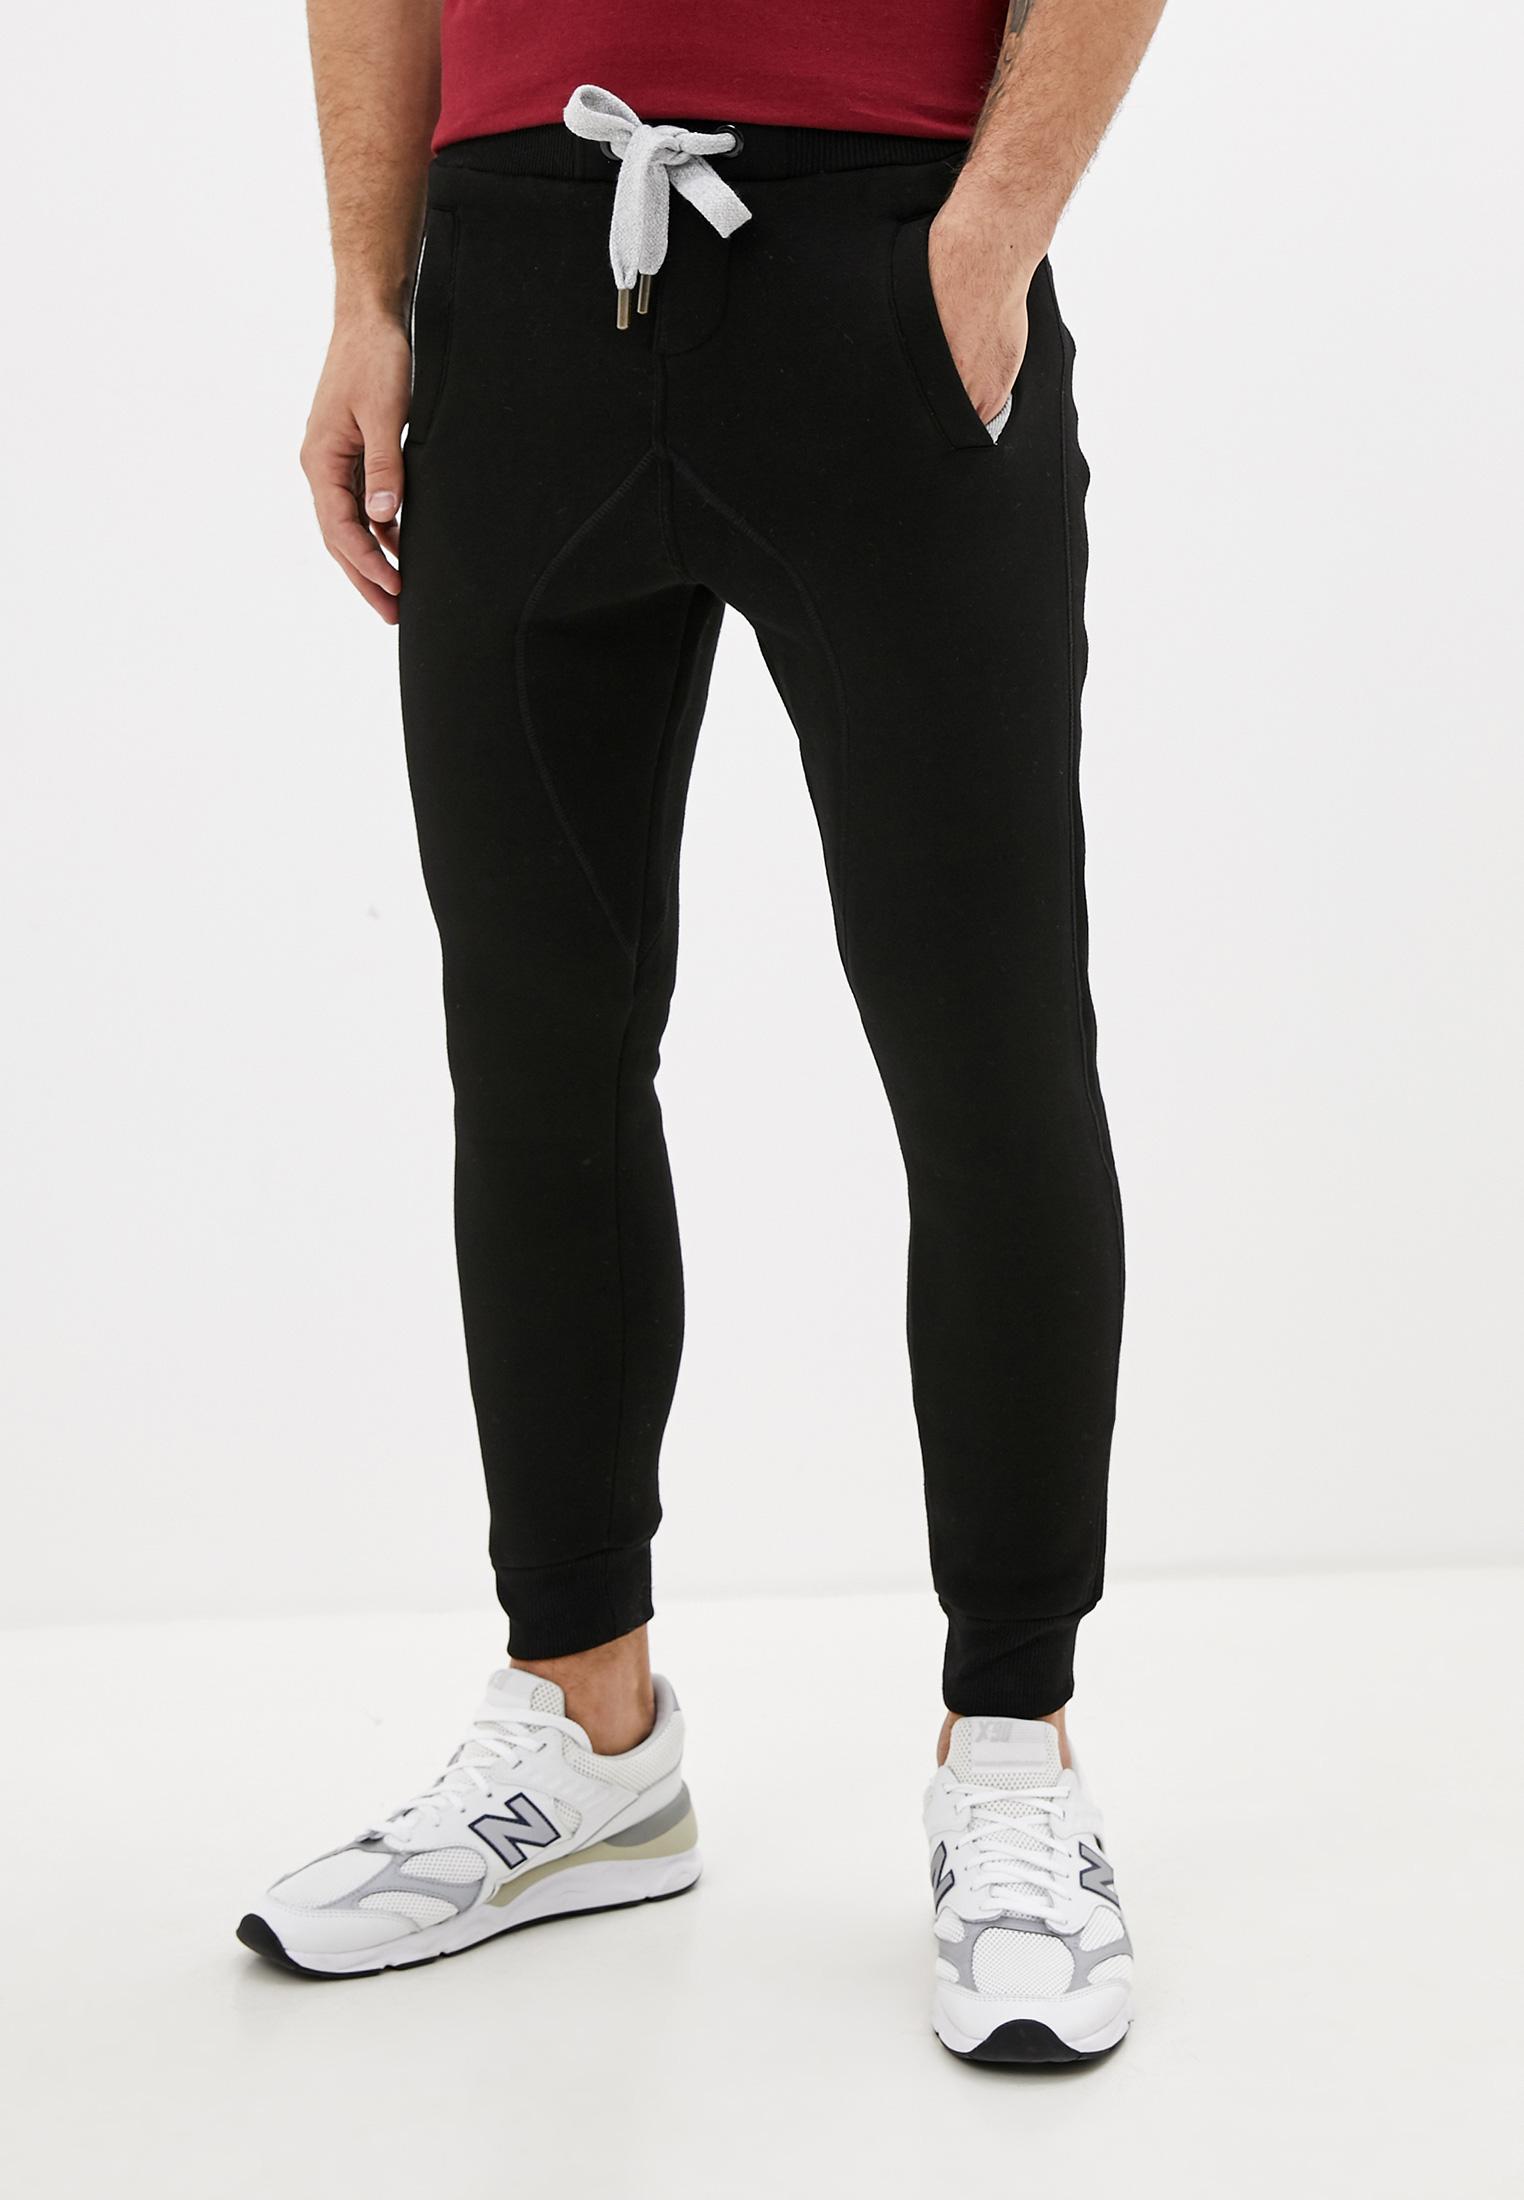 Мужские спортивные брюки Young & Rich (Янг энд Рич) 3313